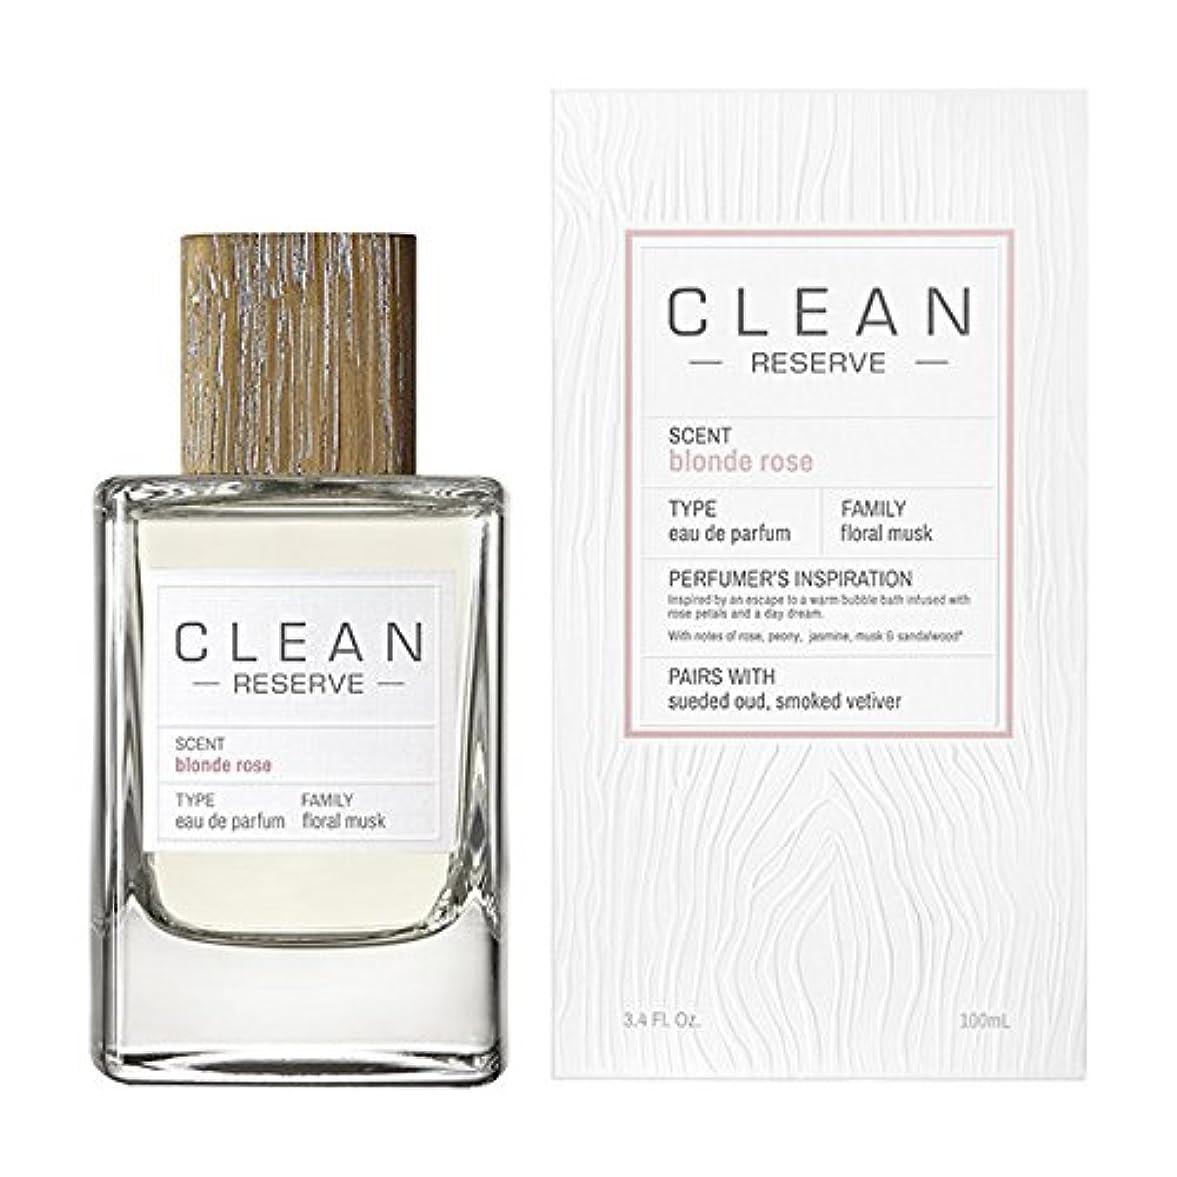 ペナルティ時々保証する◆【CLEAN】Unisex香水◆クリーン リザーブ ブロンドローズ オードパルファムEDP 100ml◆